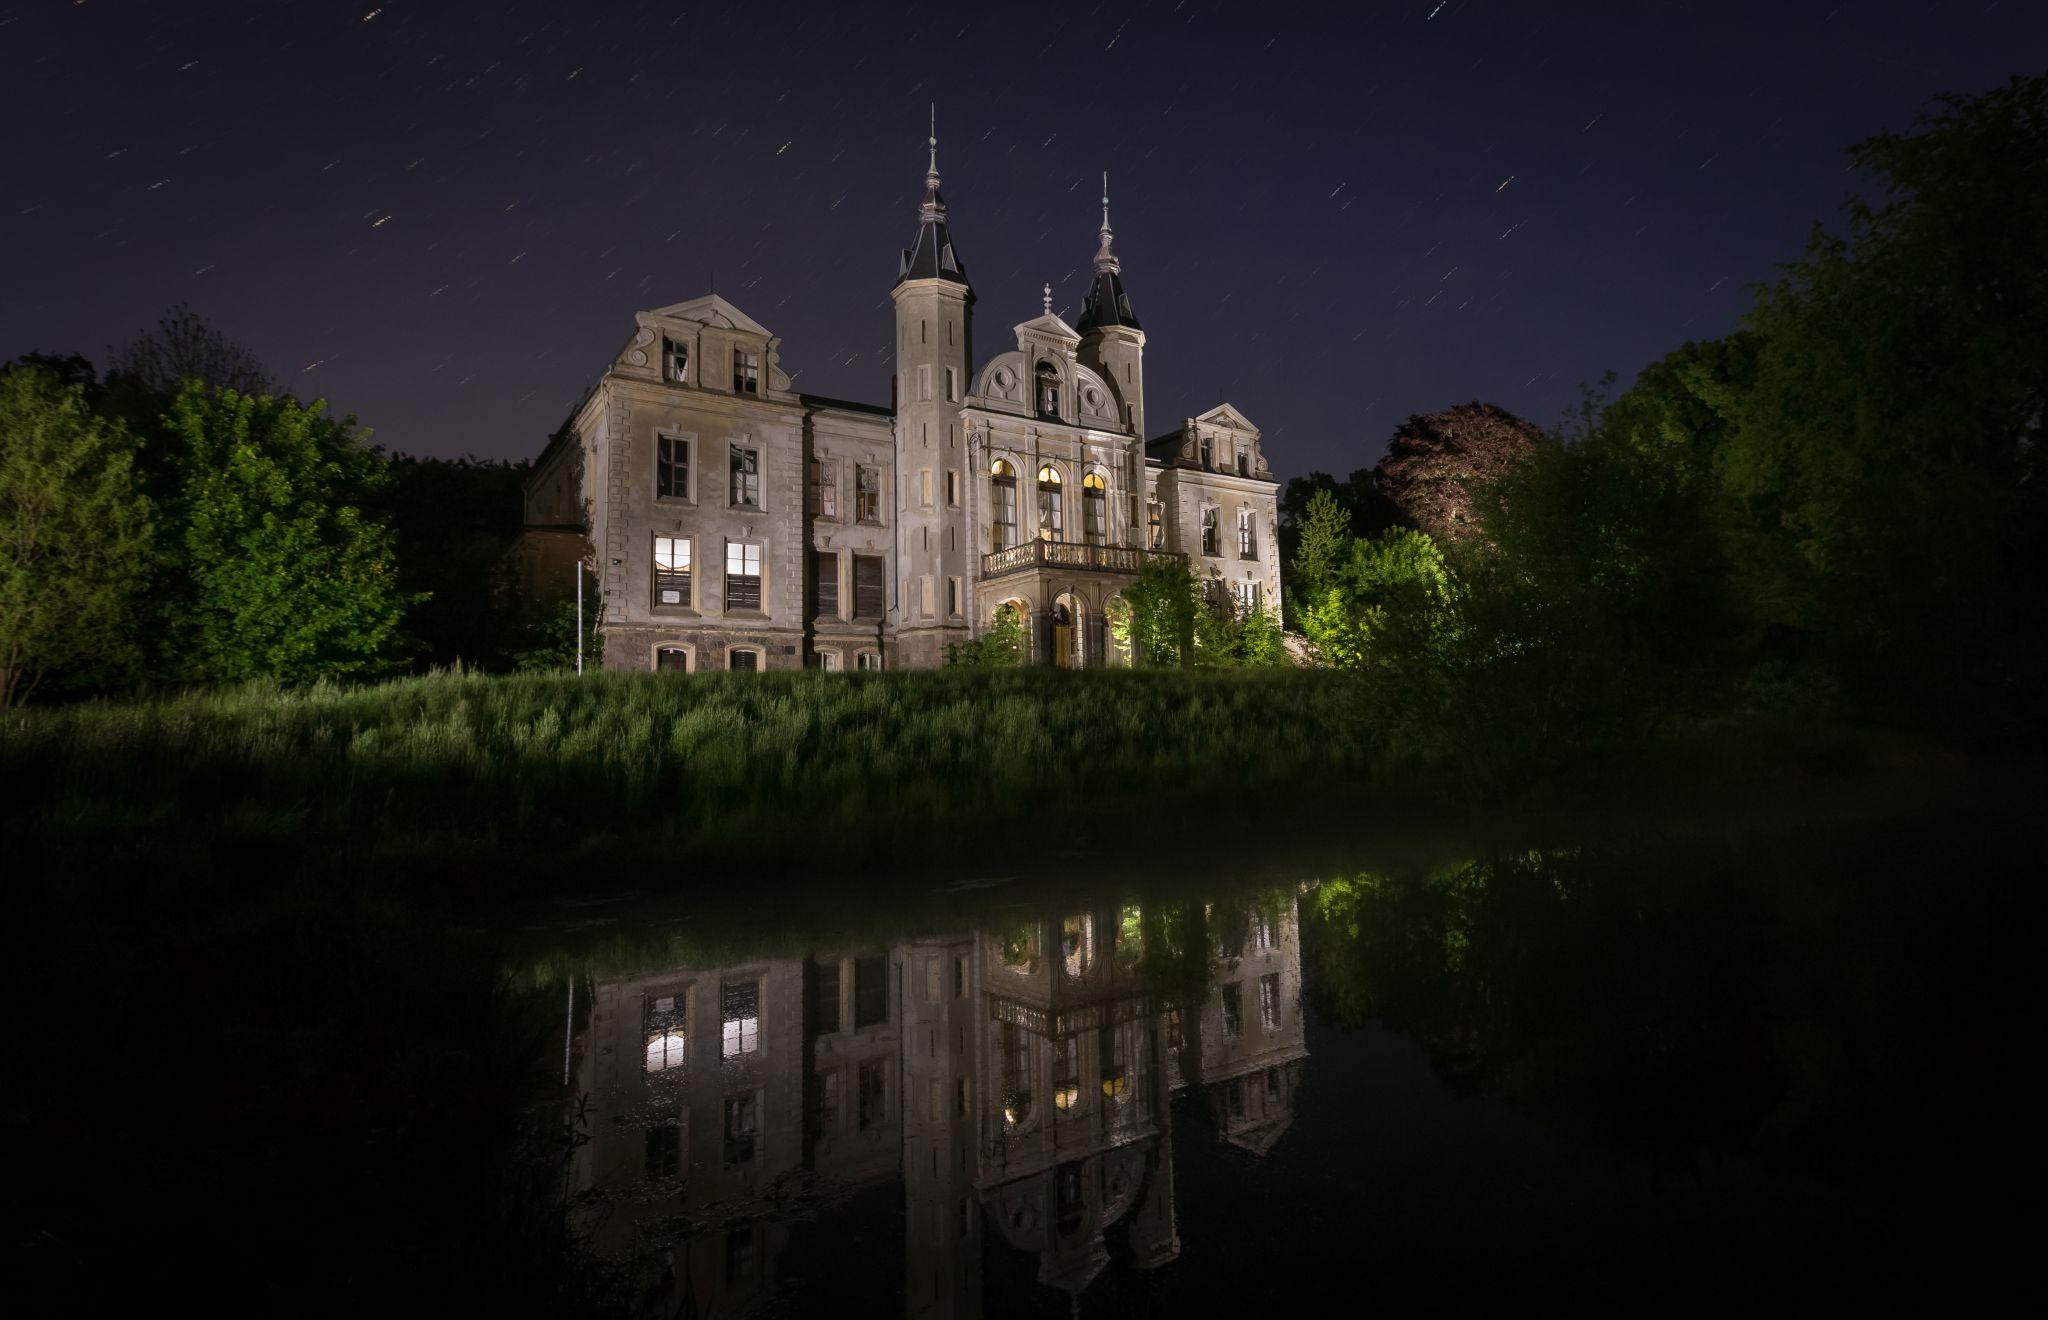 Mallin Castle, Germany